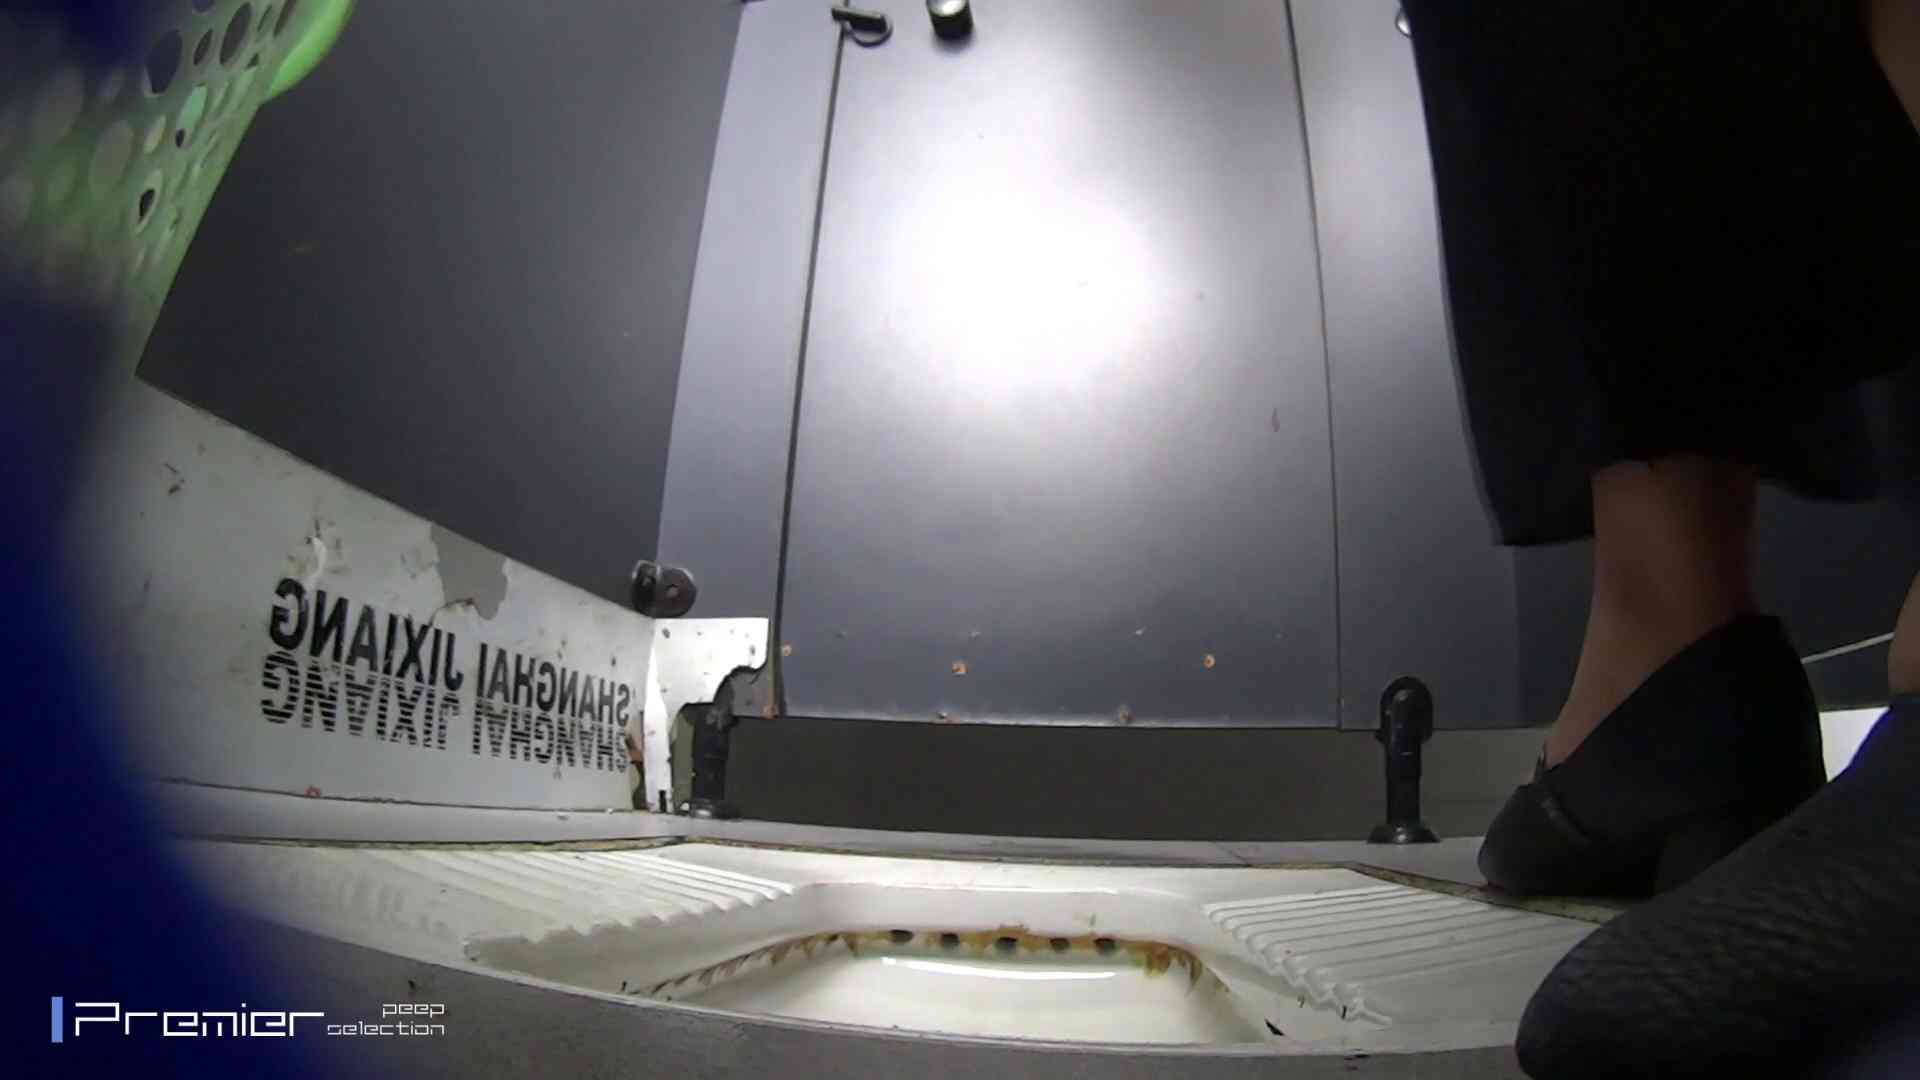 夏全開!ハーフパンツのギャル達 大学休憩時間の洗面所事情44 お姉さん  112pic 24